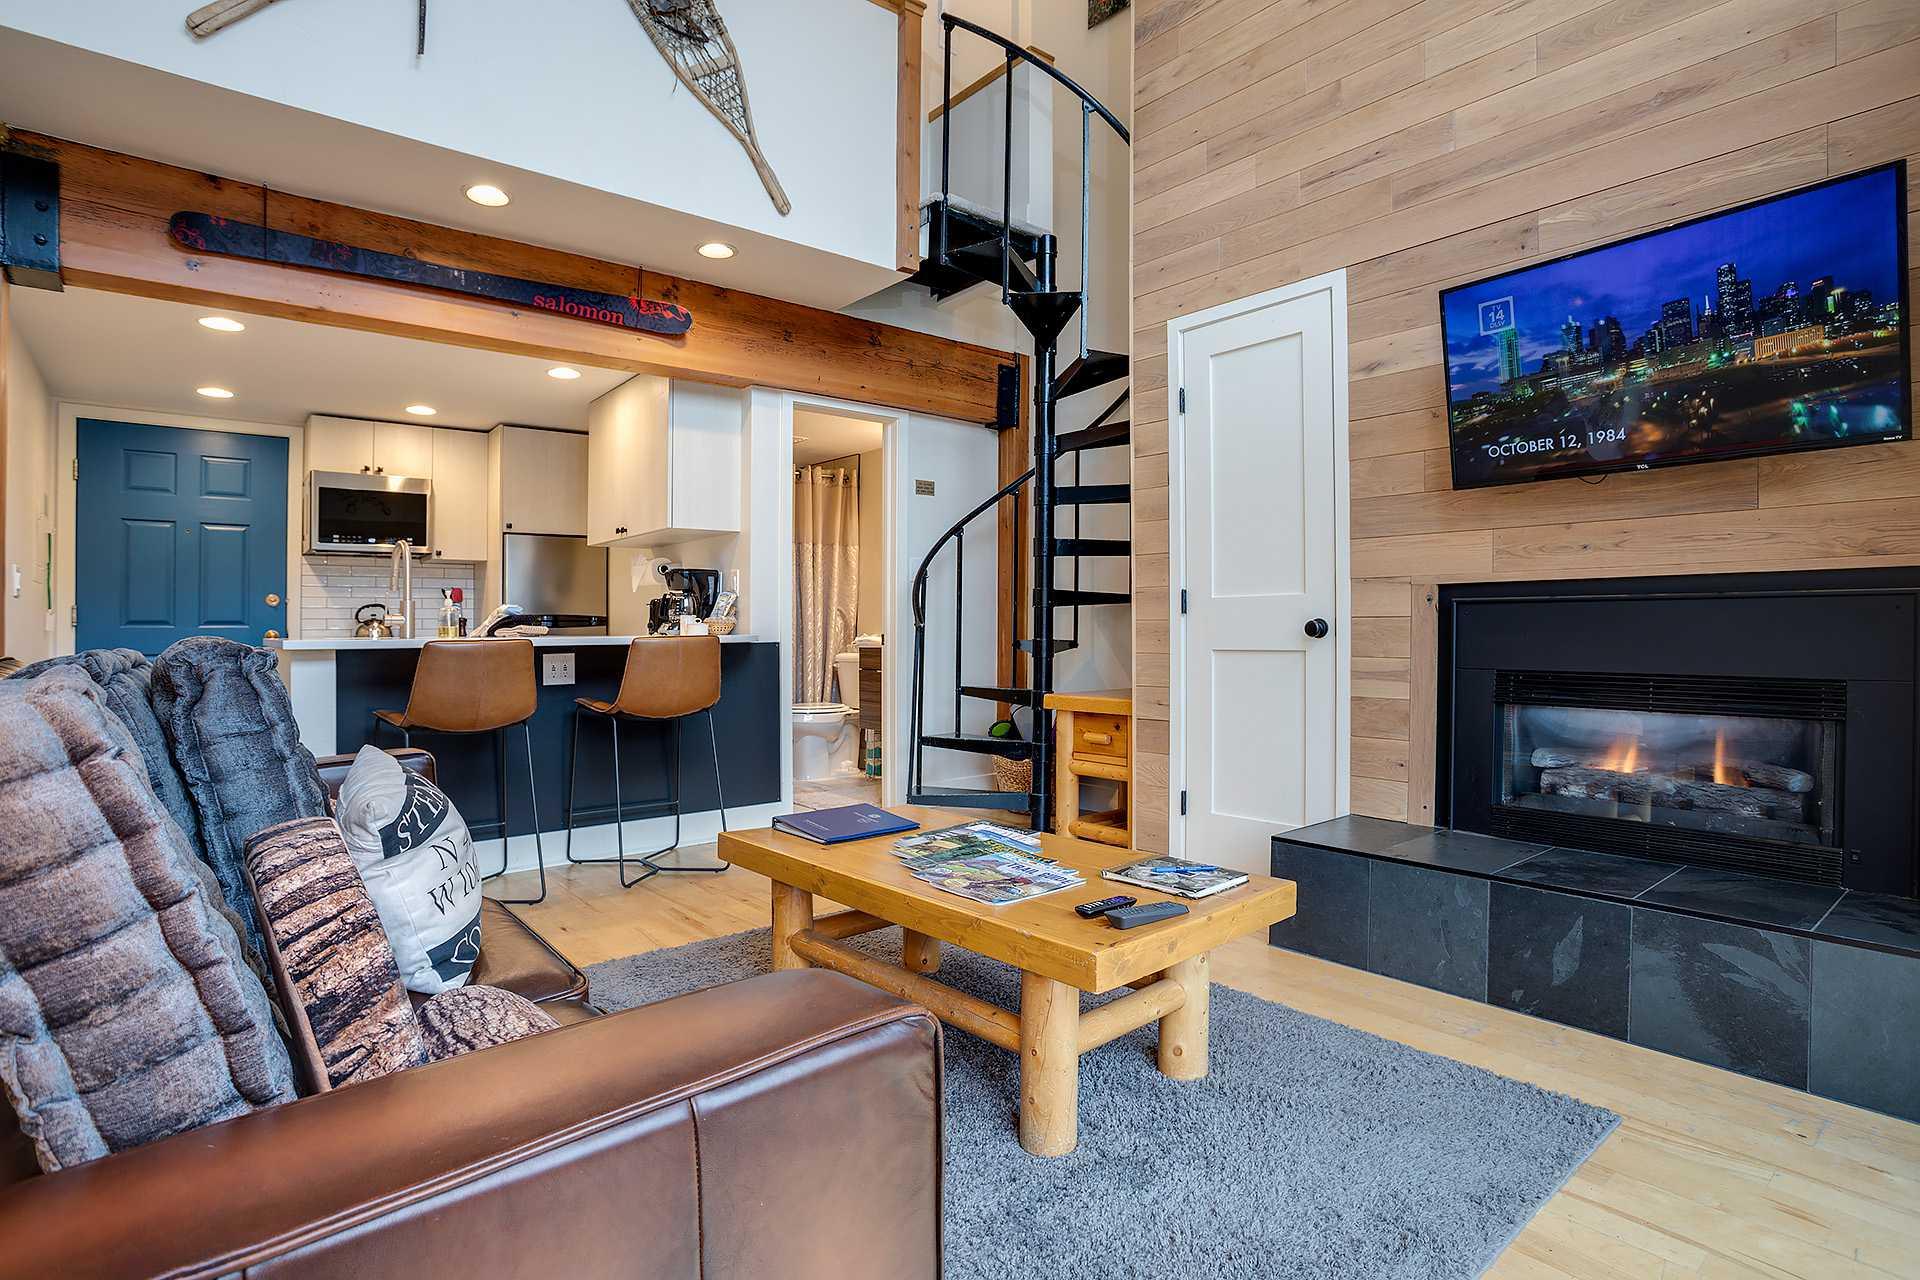 R2302: Rockies Condominiums